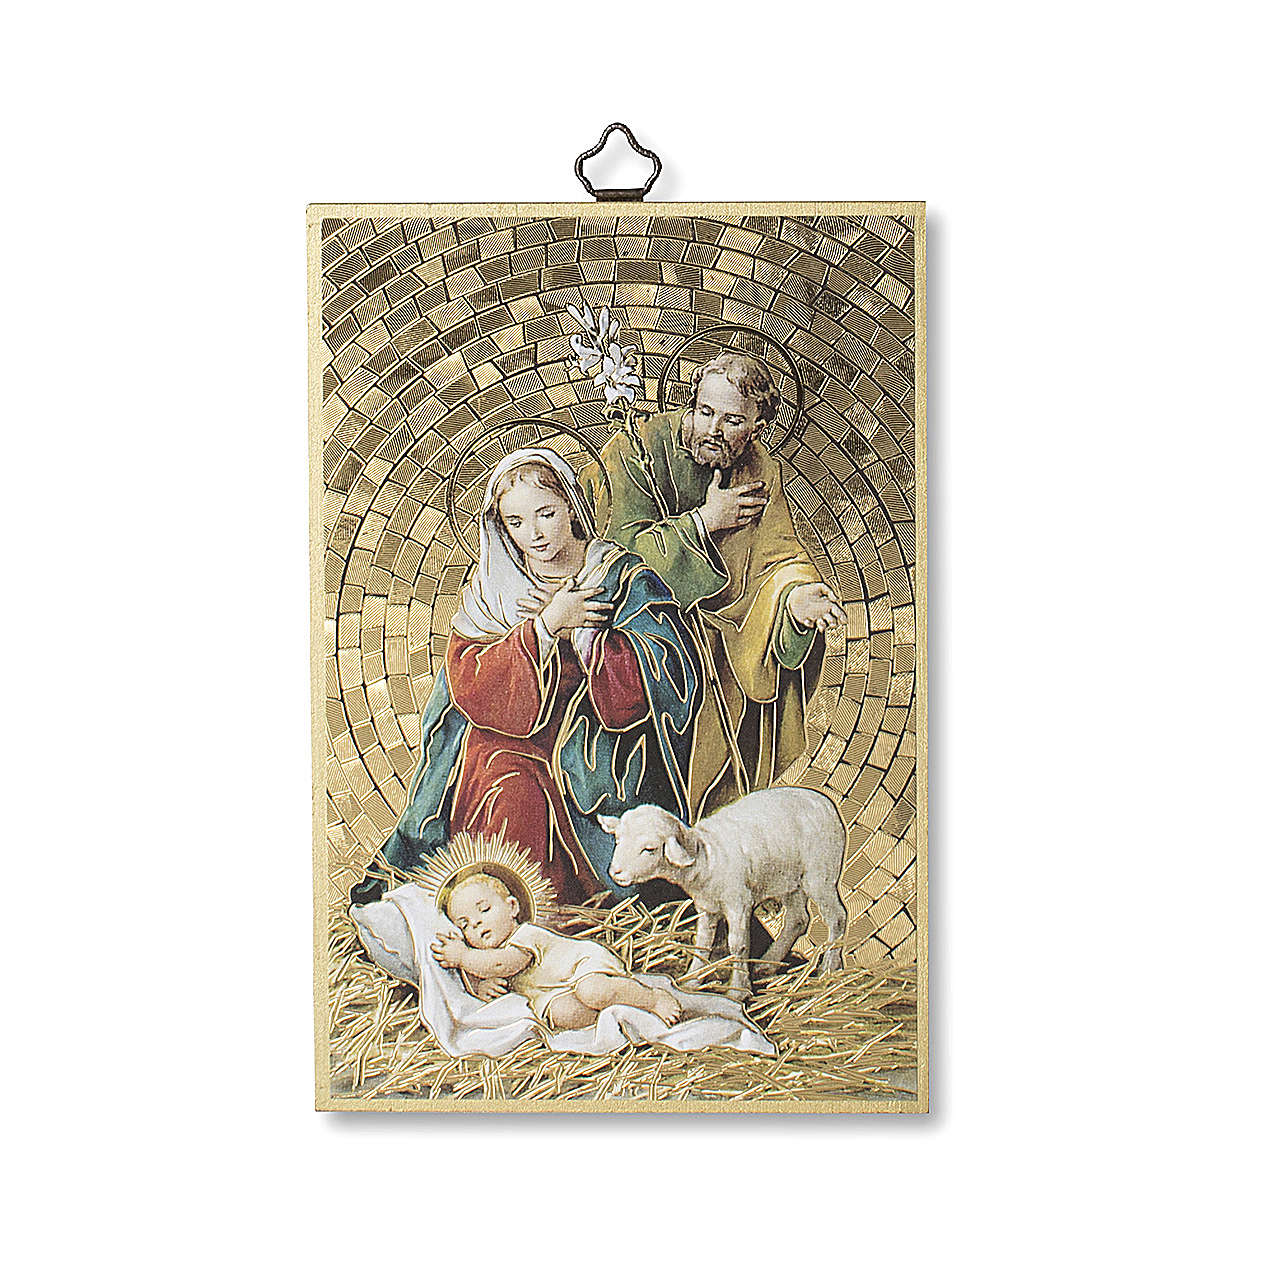 Estampa sobre madera Natividad Tu scendi dalle Stelle italiano 3